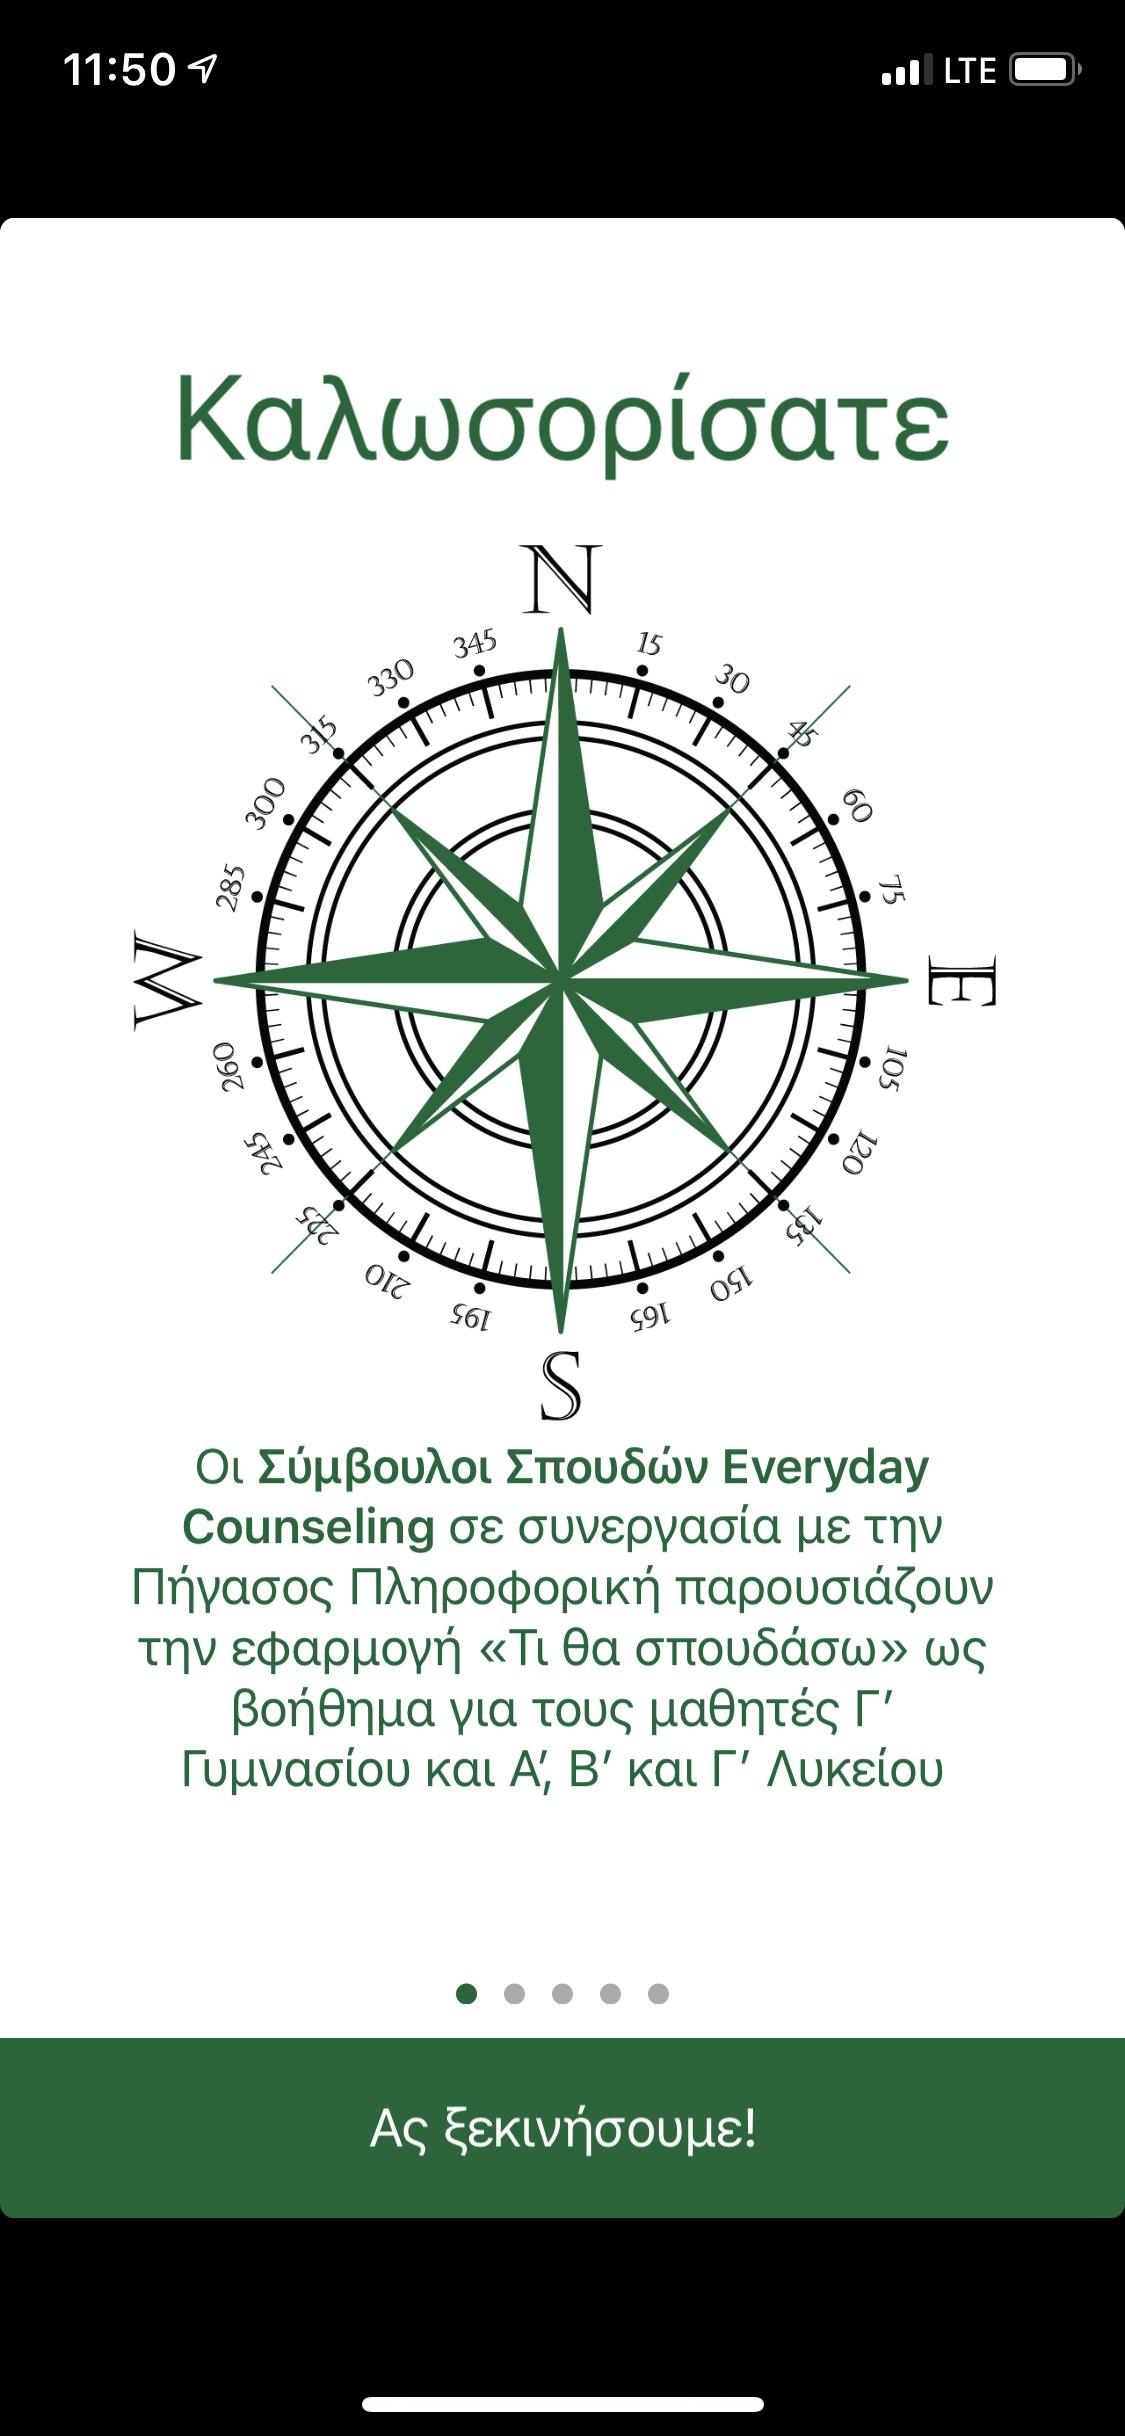 Οι Σύμβουλοι Σπουδών Everyday Counseling παρουσιάζουν την πρωτοποριακή εφαρμογή «τί θα σπουδάσω»